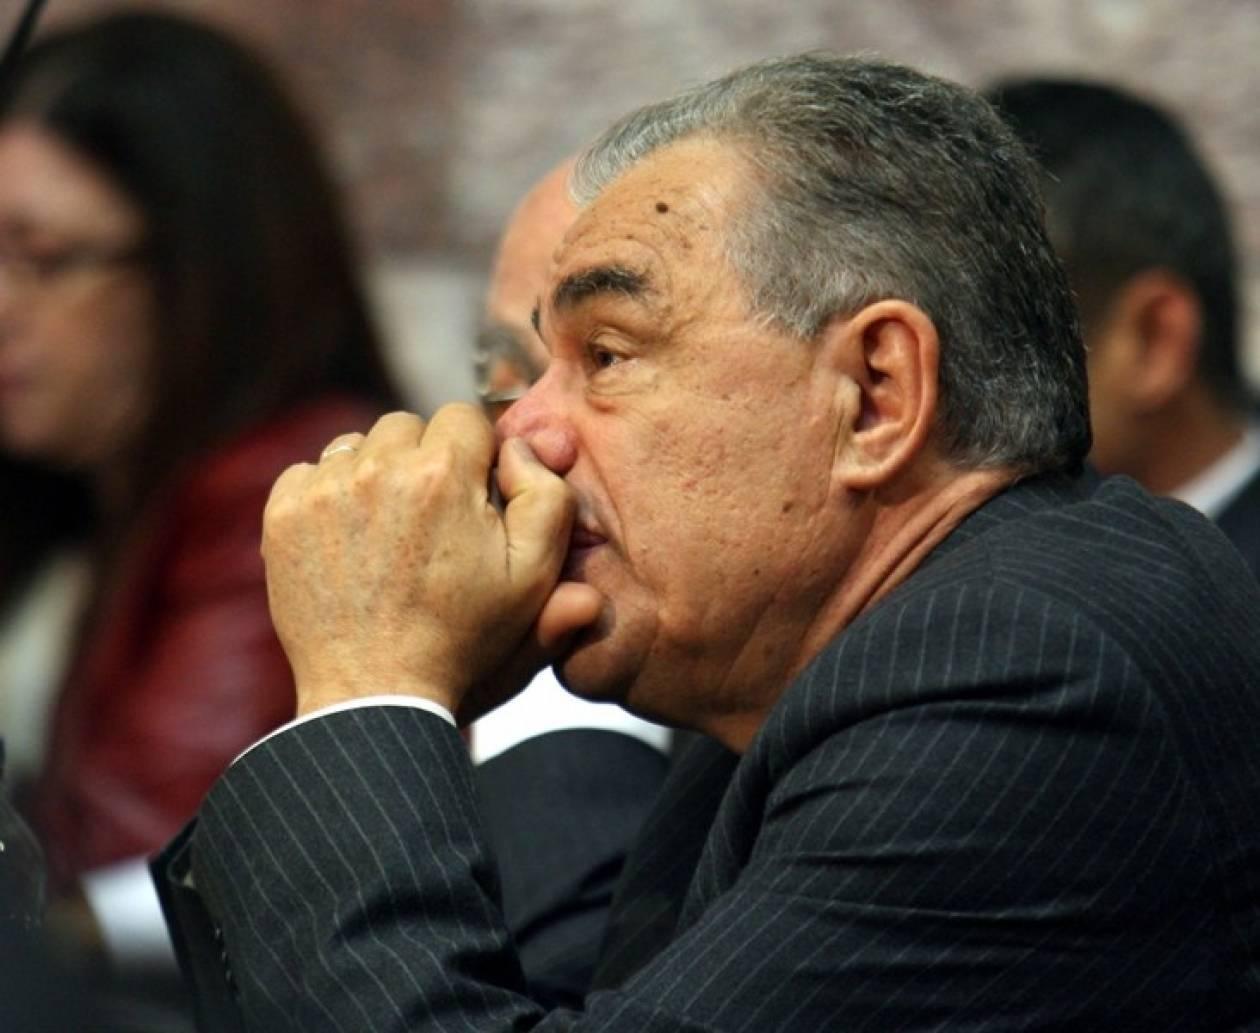 Γ.Γιακουμάτος: Ούτε με σφαίρες δεν θα πήγαινα σε υπουργείο